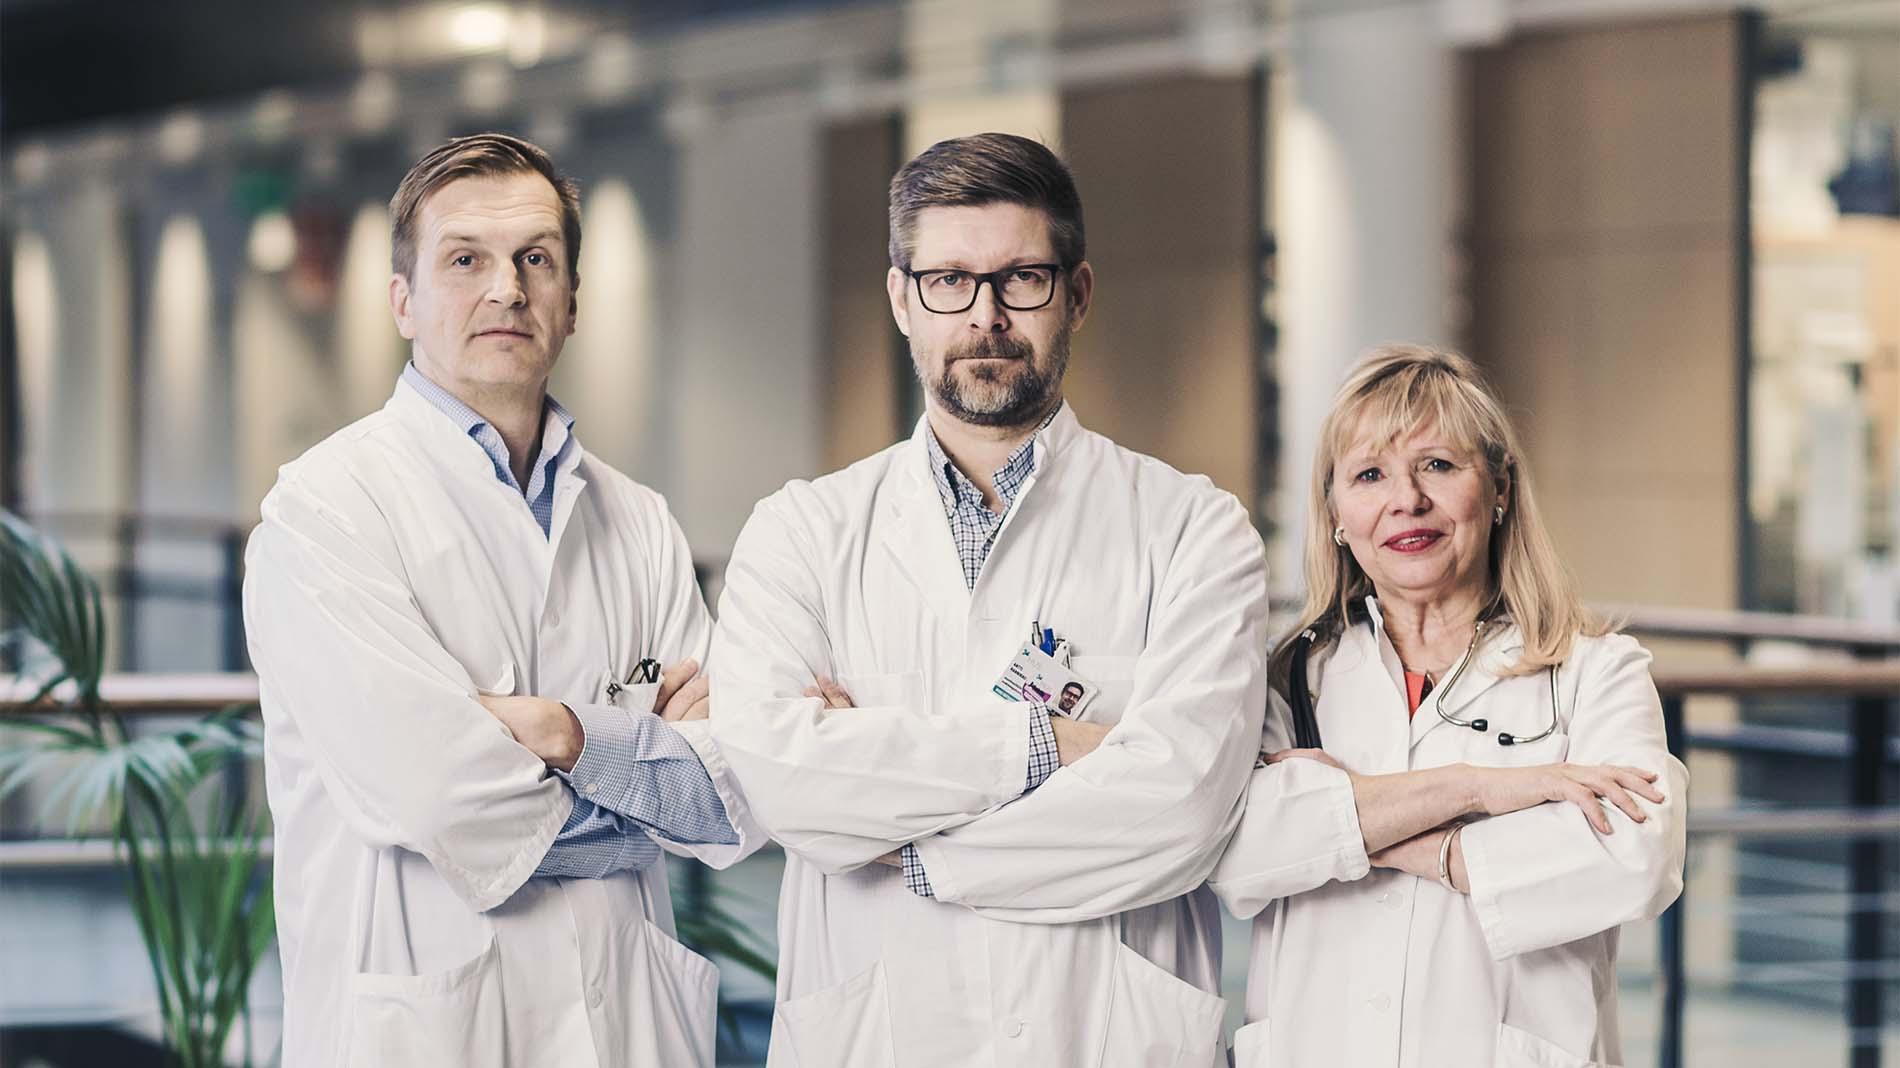 Framgångsrik jubileumsinsamling för Cancerstiftelsen: 11,3 miljoner euro i donationer